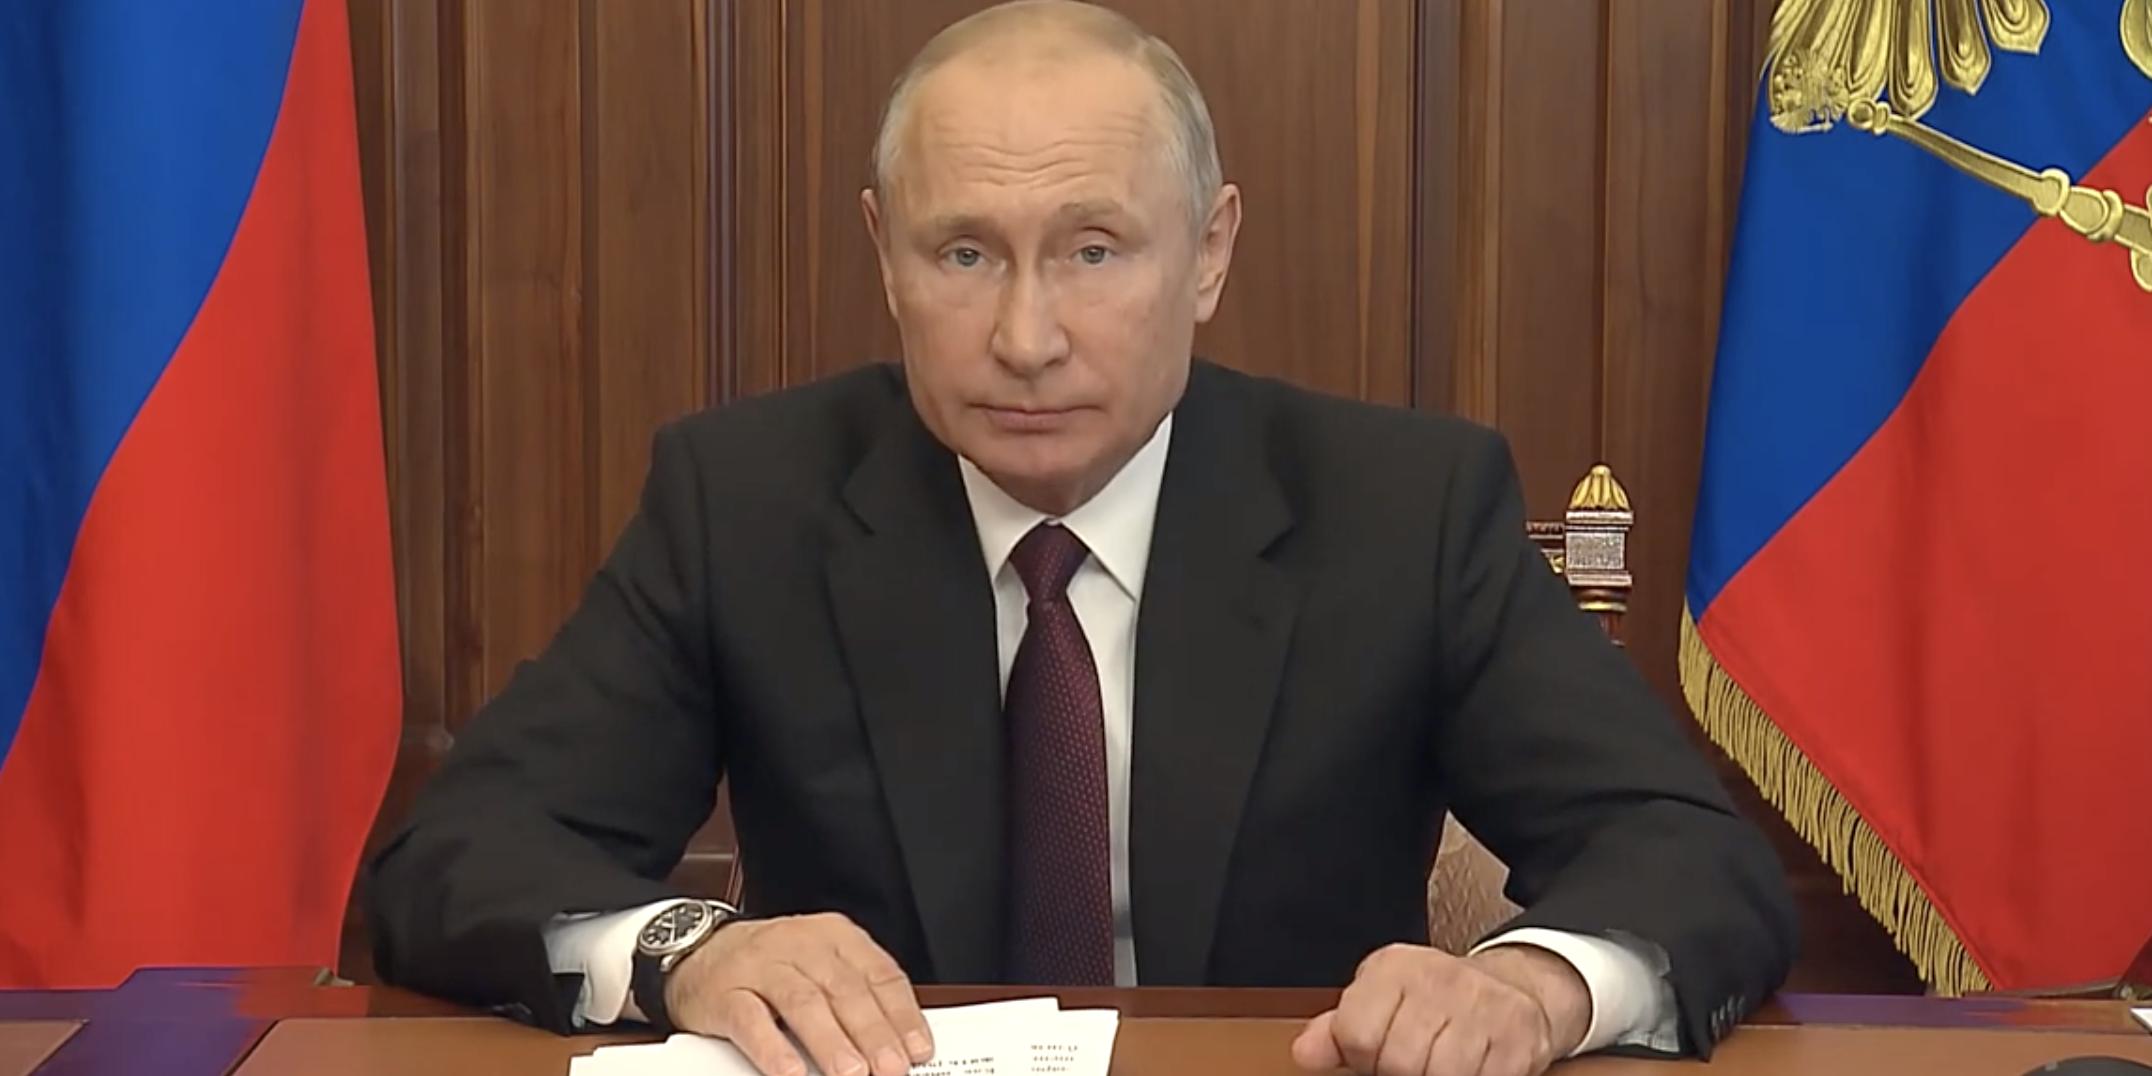 Президент Путин: доходы от увеличения ставки налогов пойдут на лечение тяжелобольных детей